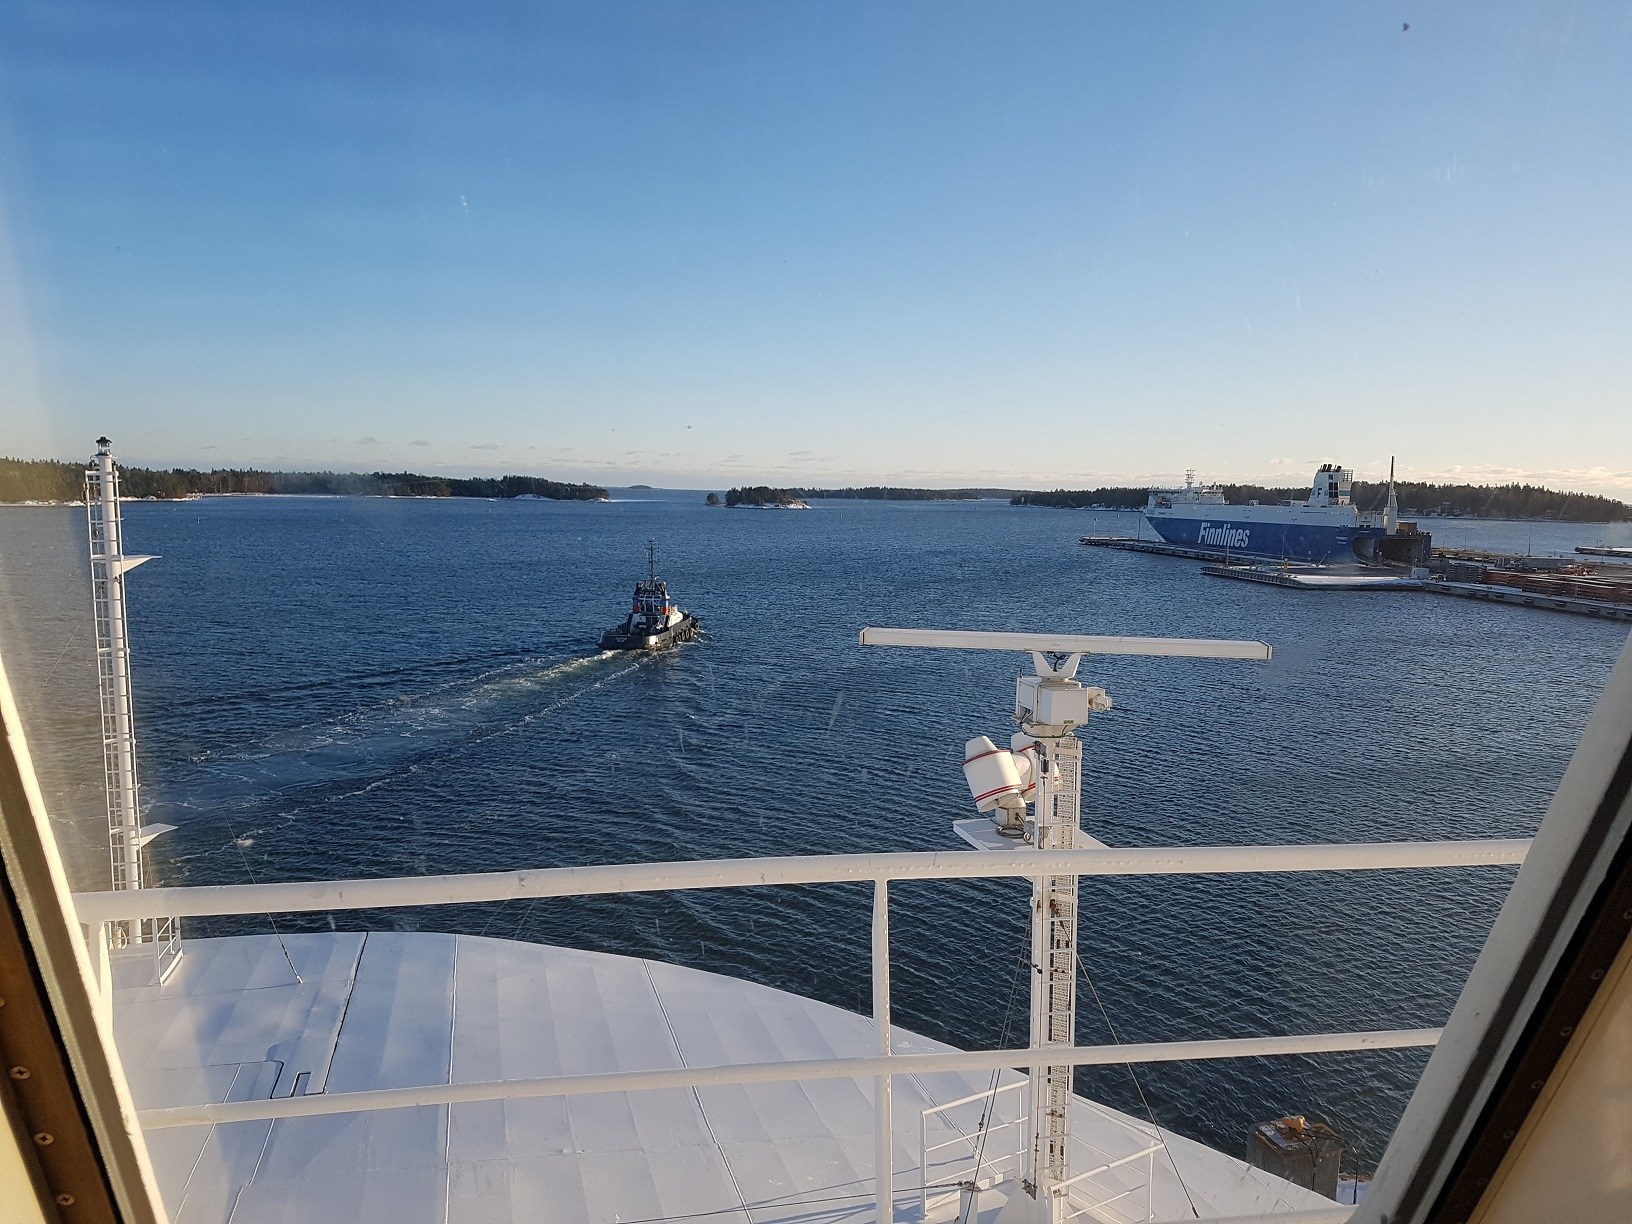 Blick aus der Kabine im Hafen von Helsinki Vuosaari.